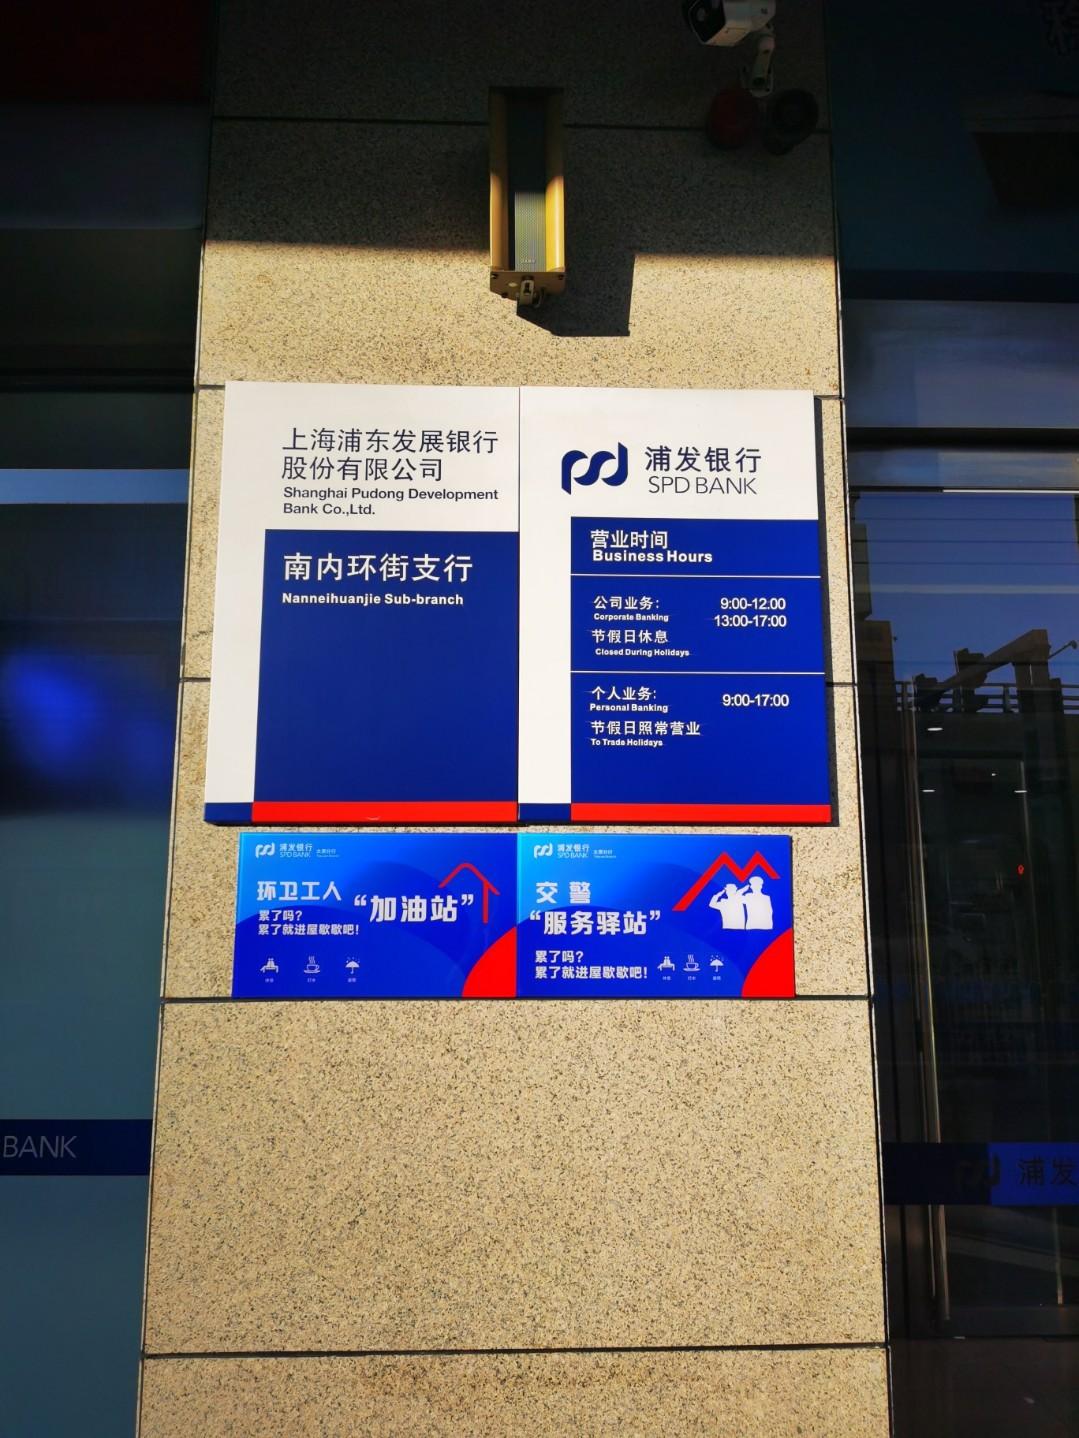 暖心有爱:浦发银行太原南内环街支行设立交警服务驿站